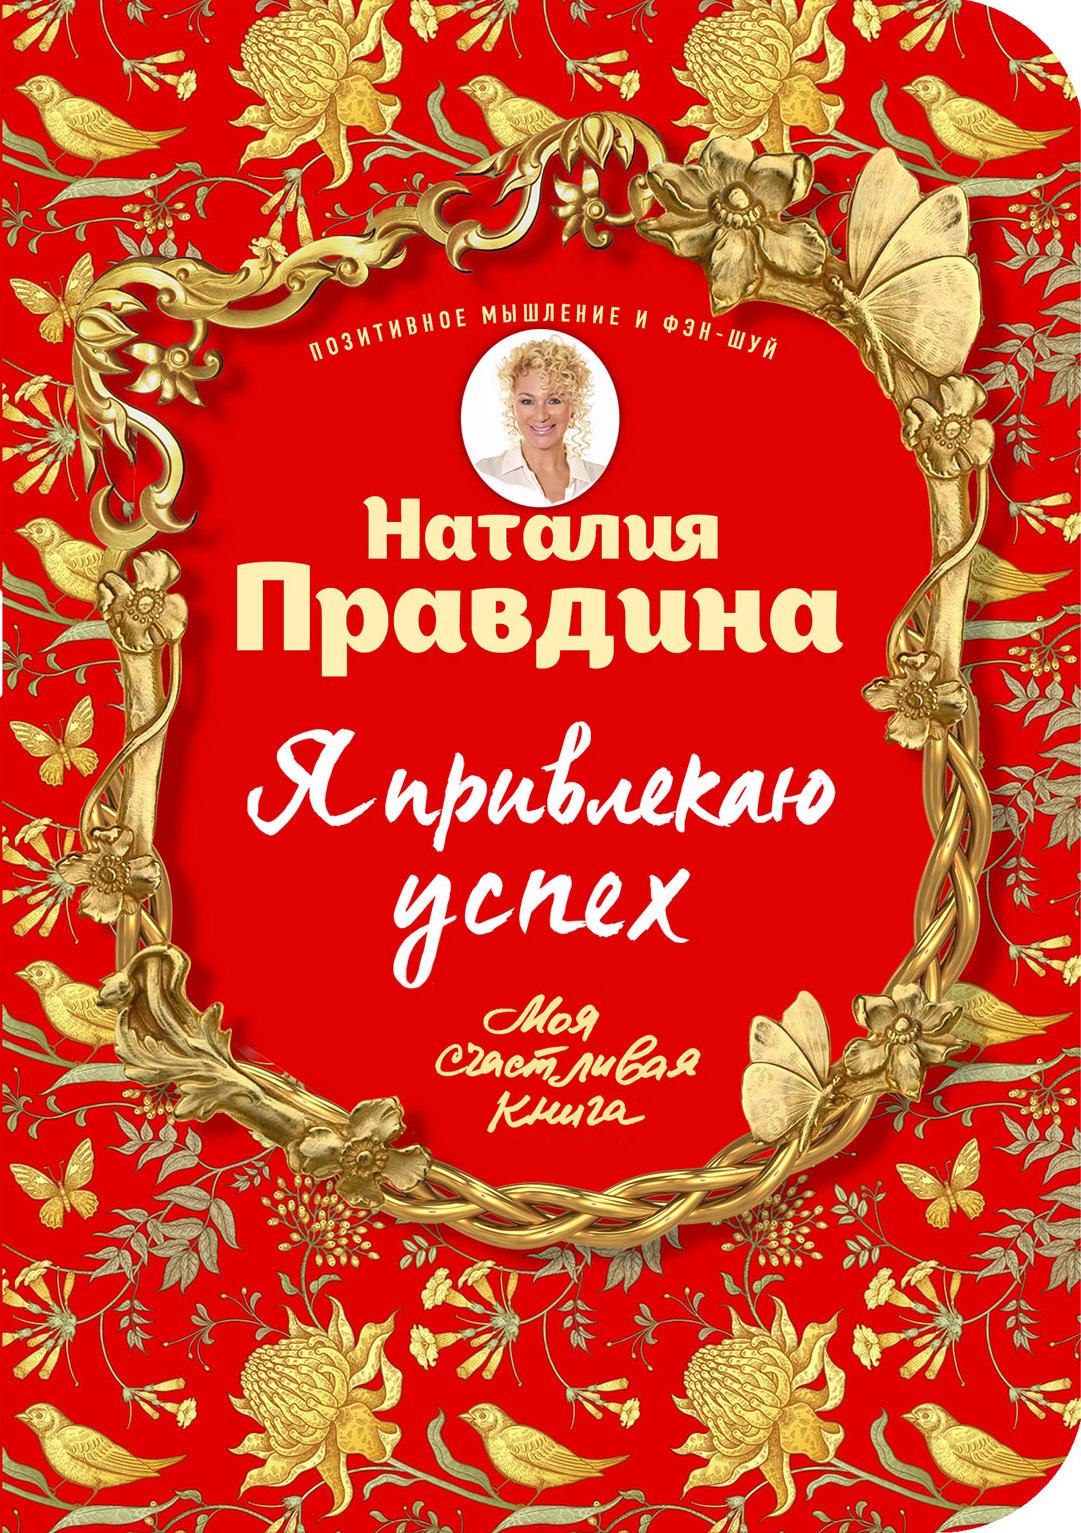 купить Наталия Правдина Я привлекаю успех! Как достигнуть успеха и реализовать свои желания, получая удовольствие по цене 149 рублей